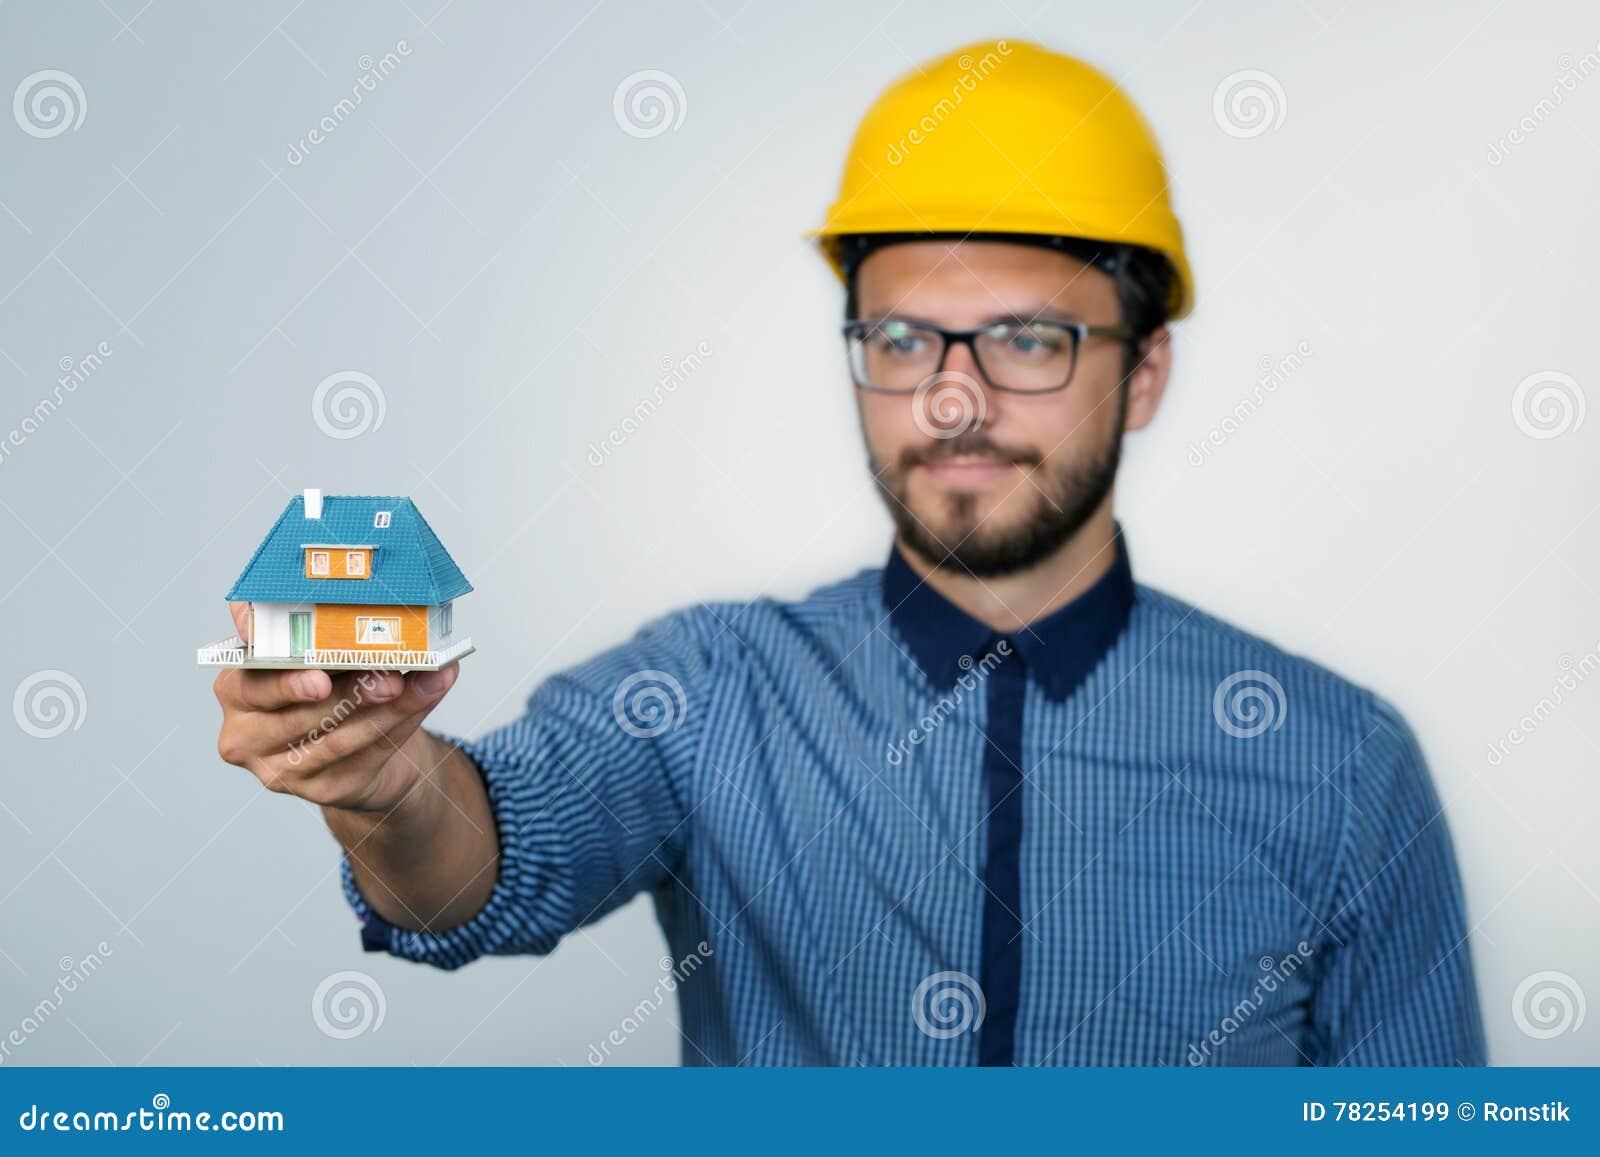 Μηχανικός κατασκευής που παρουσιάζει μικρό πρότυπο σπιτιών